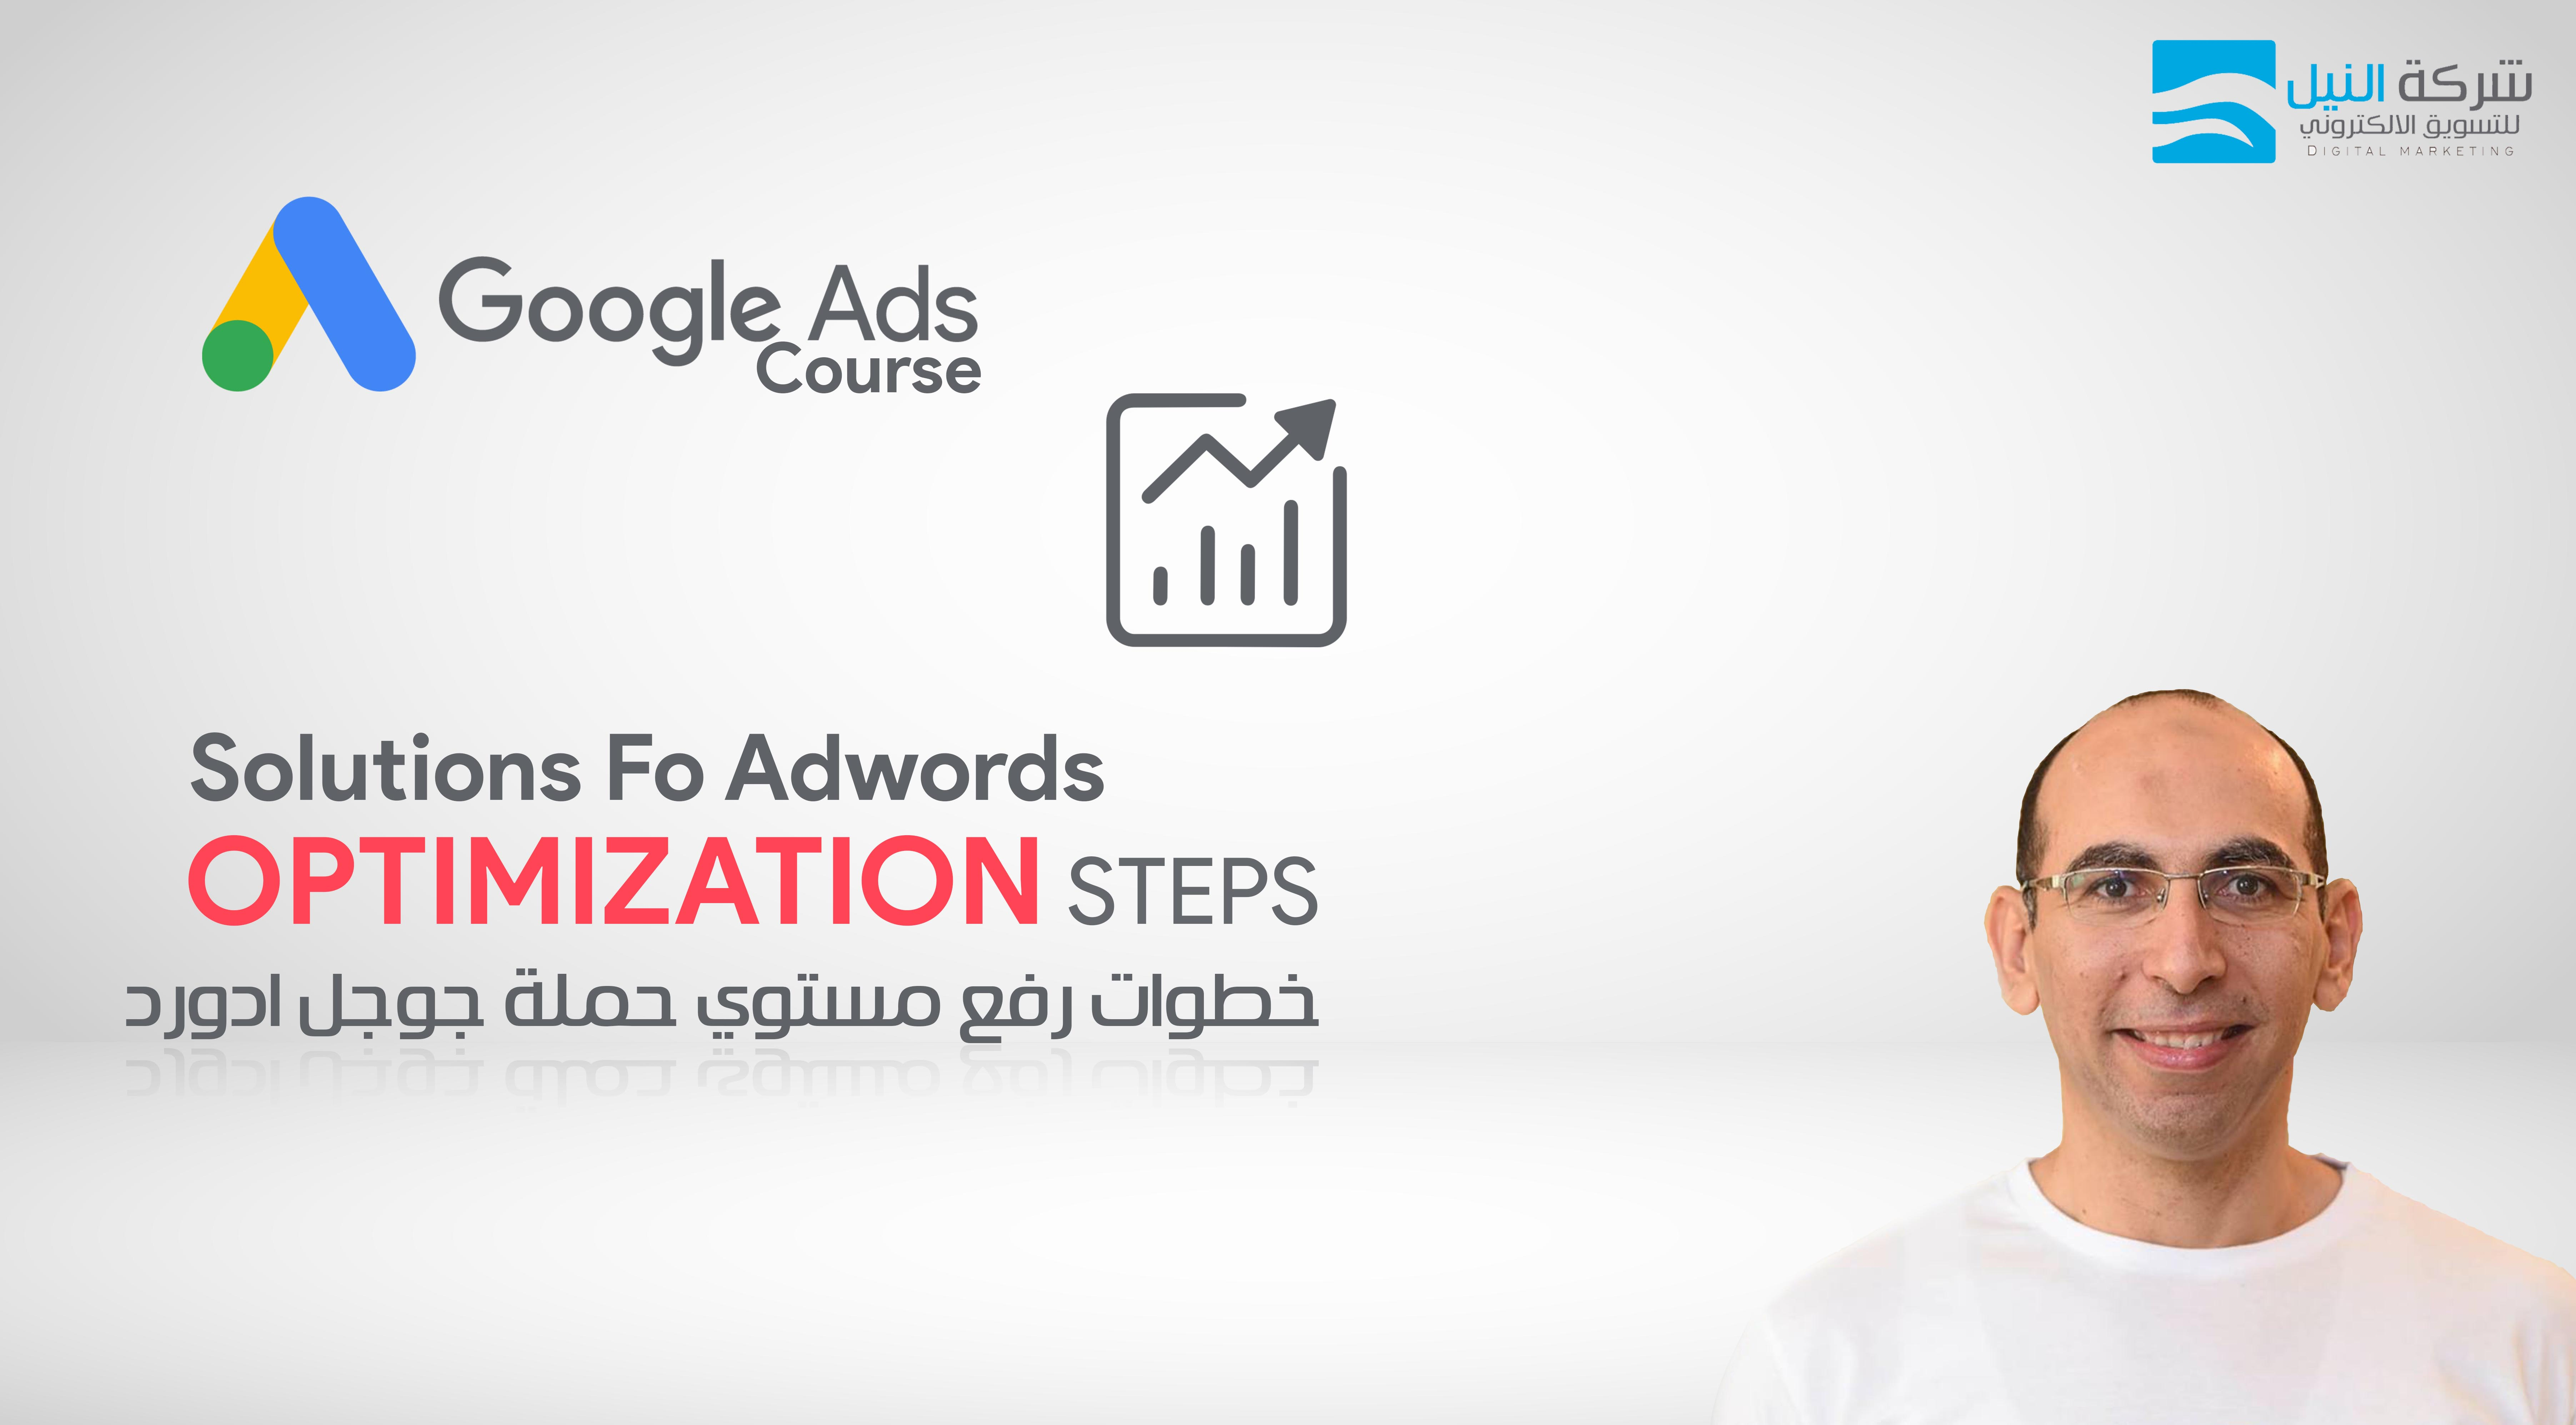 تحسين حملة جوجل